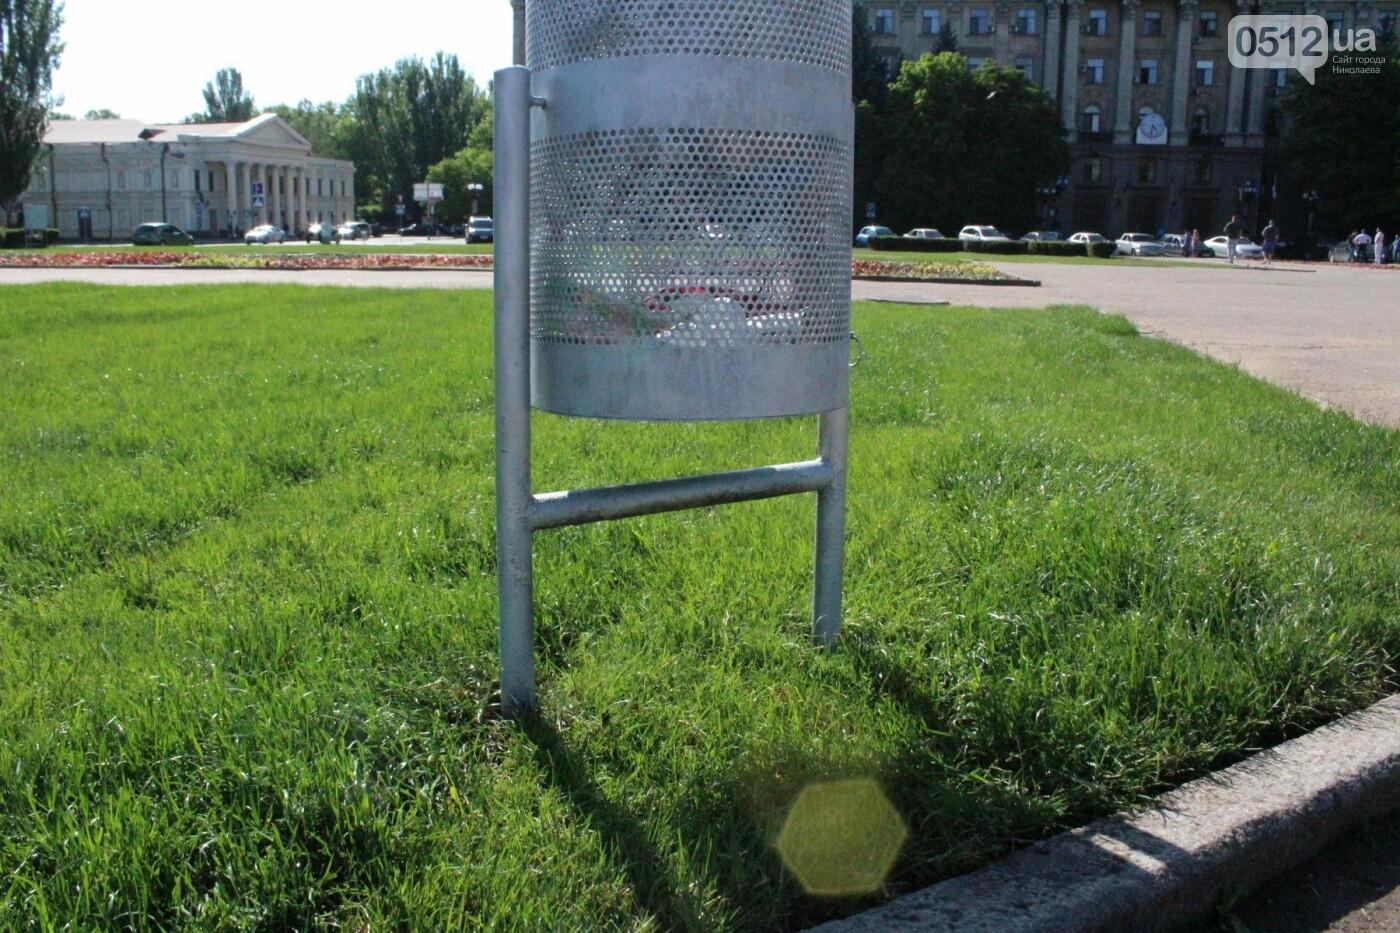 Соборную площадь в Николаеве готовят к приезду Петра Порошенко, - ФОТО, фото-2